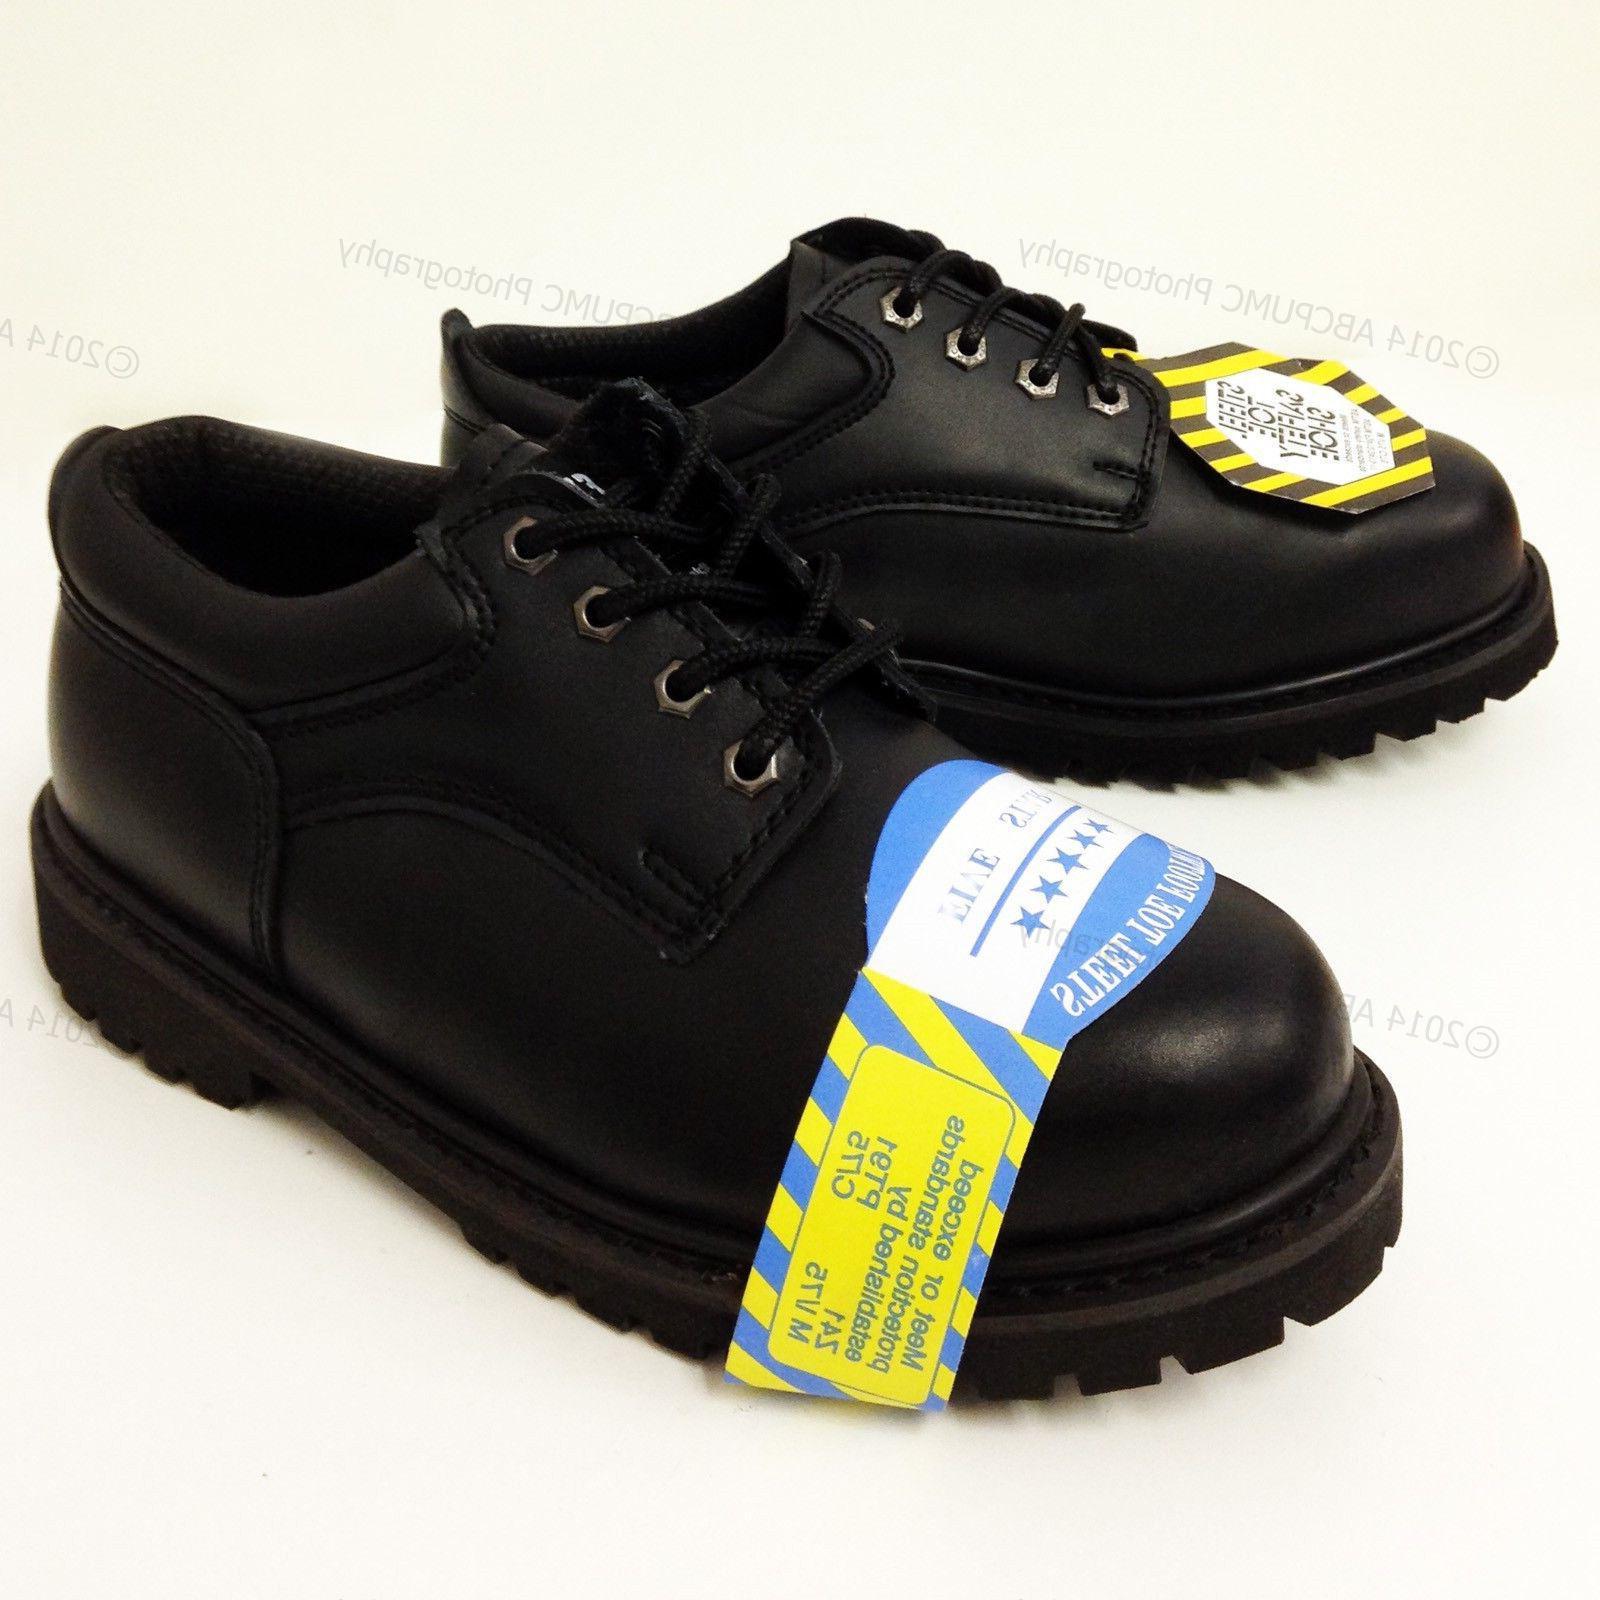 new men s steel toe work boots